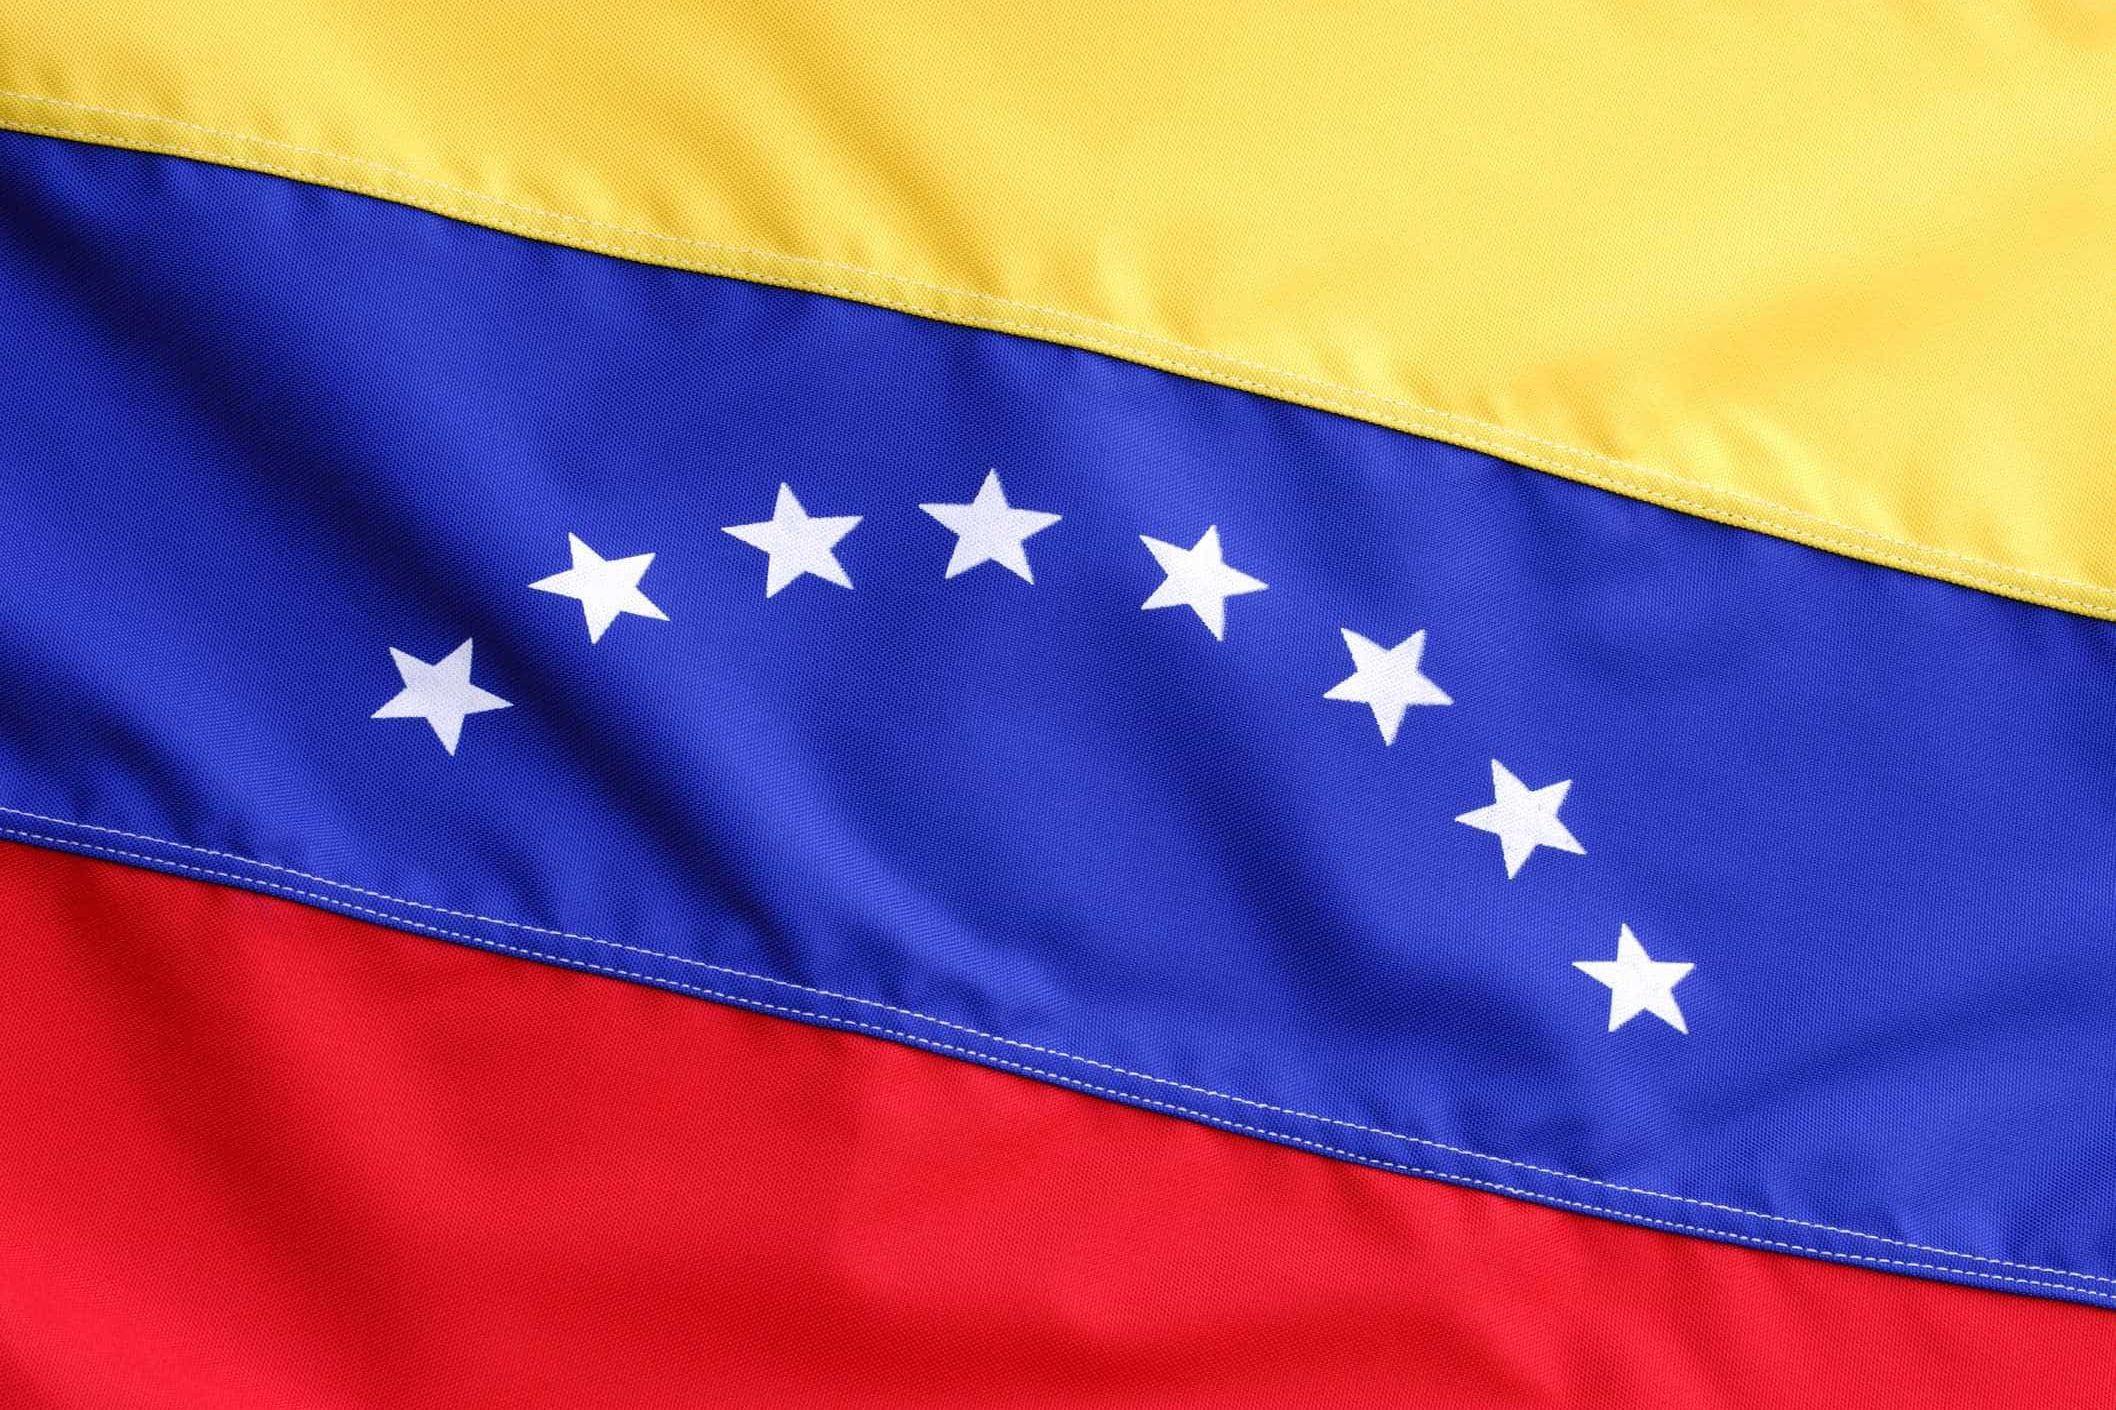 Governo venezuelano proibe saída de embarcações dos portos